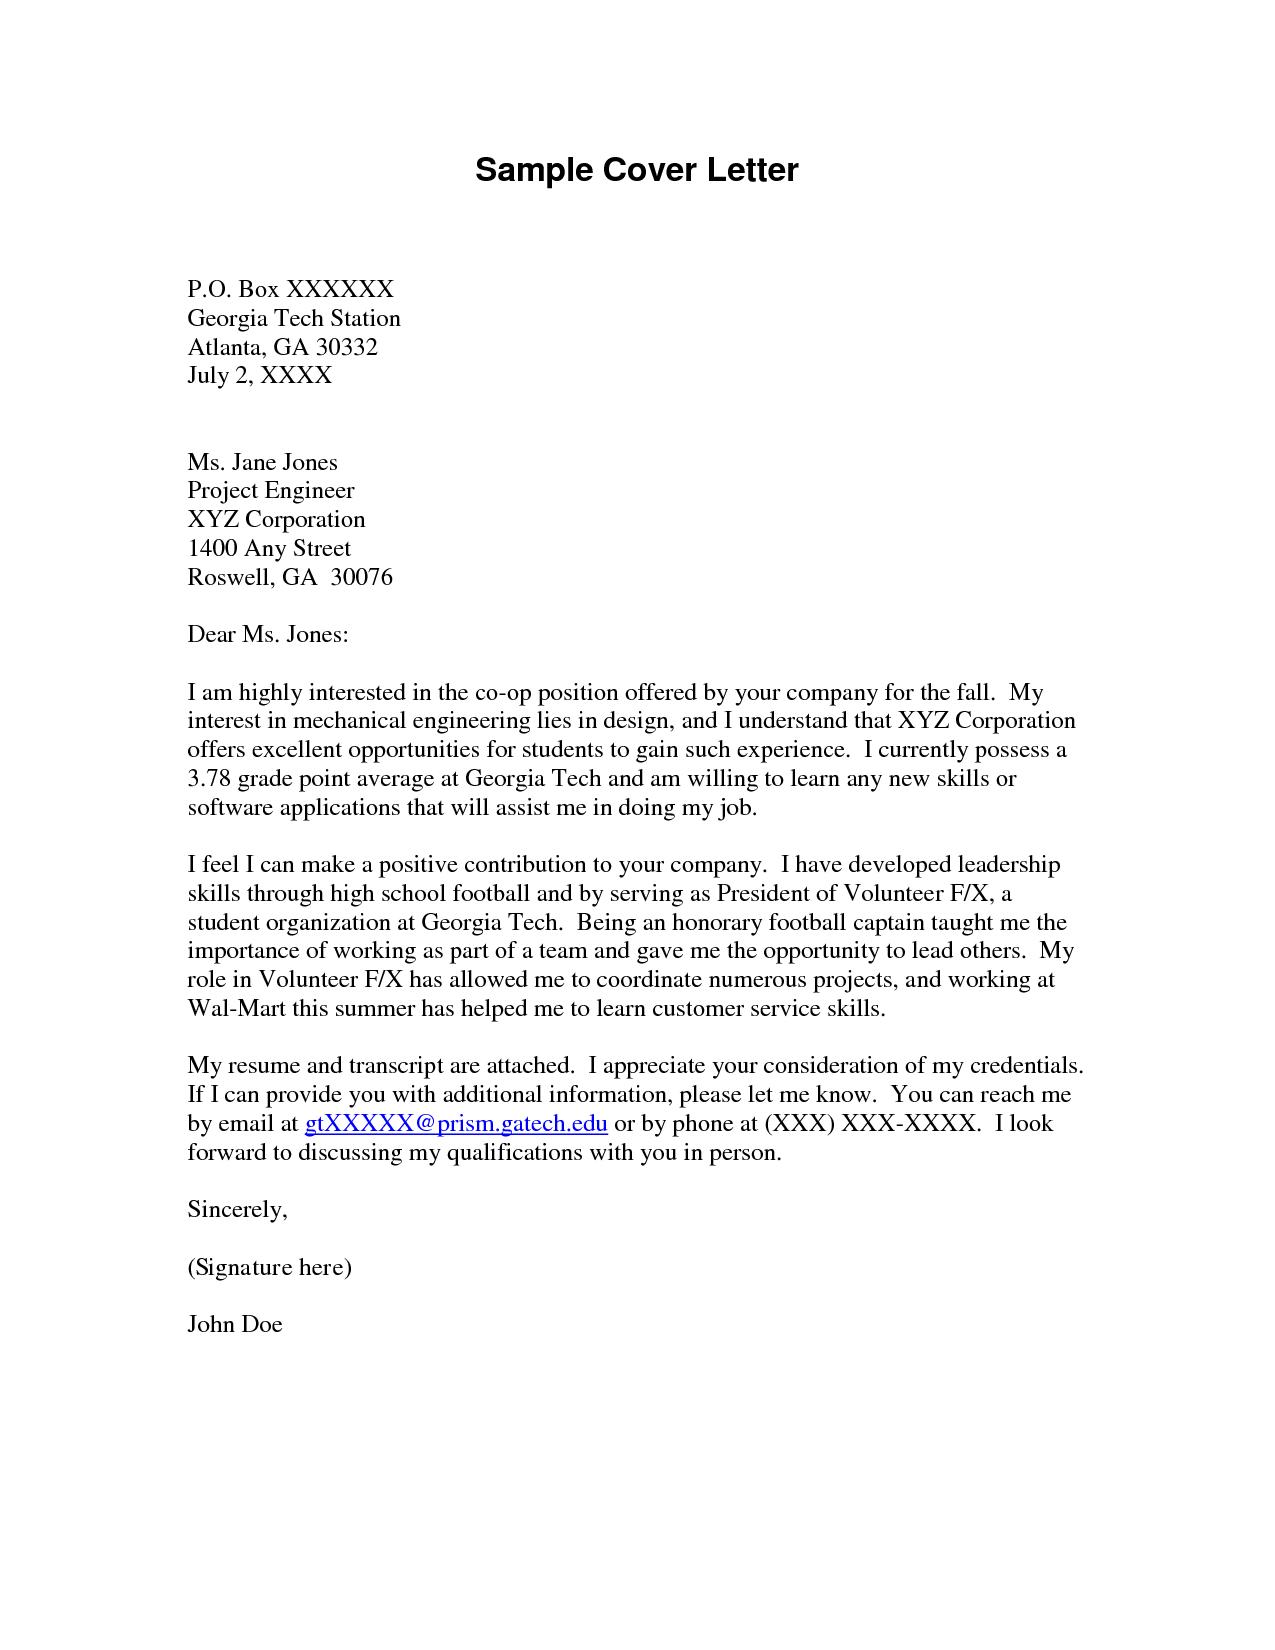 Volunteer Firefighter Cover Letter